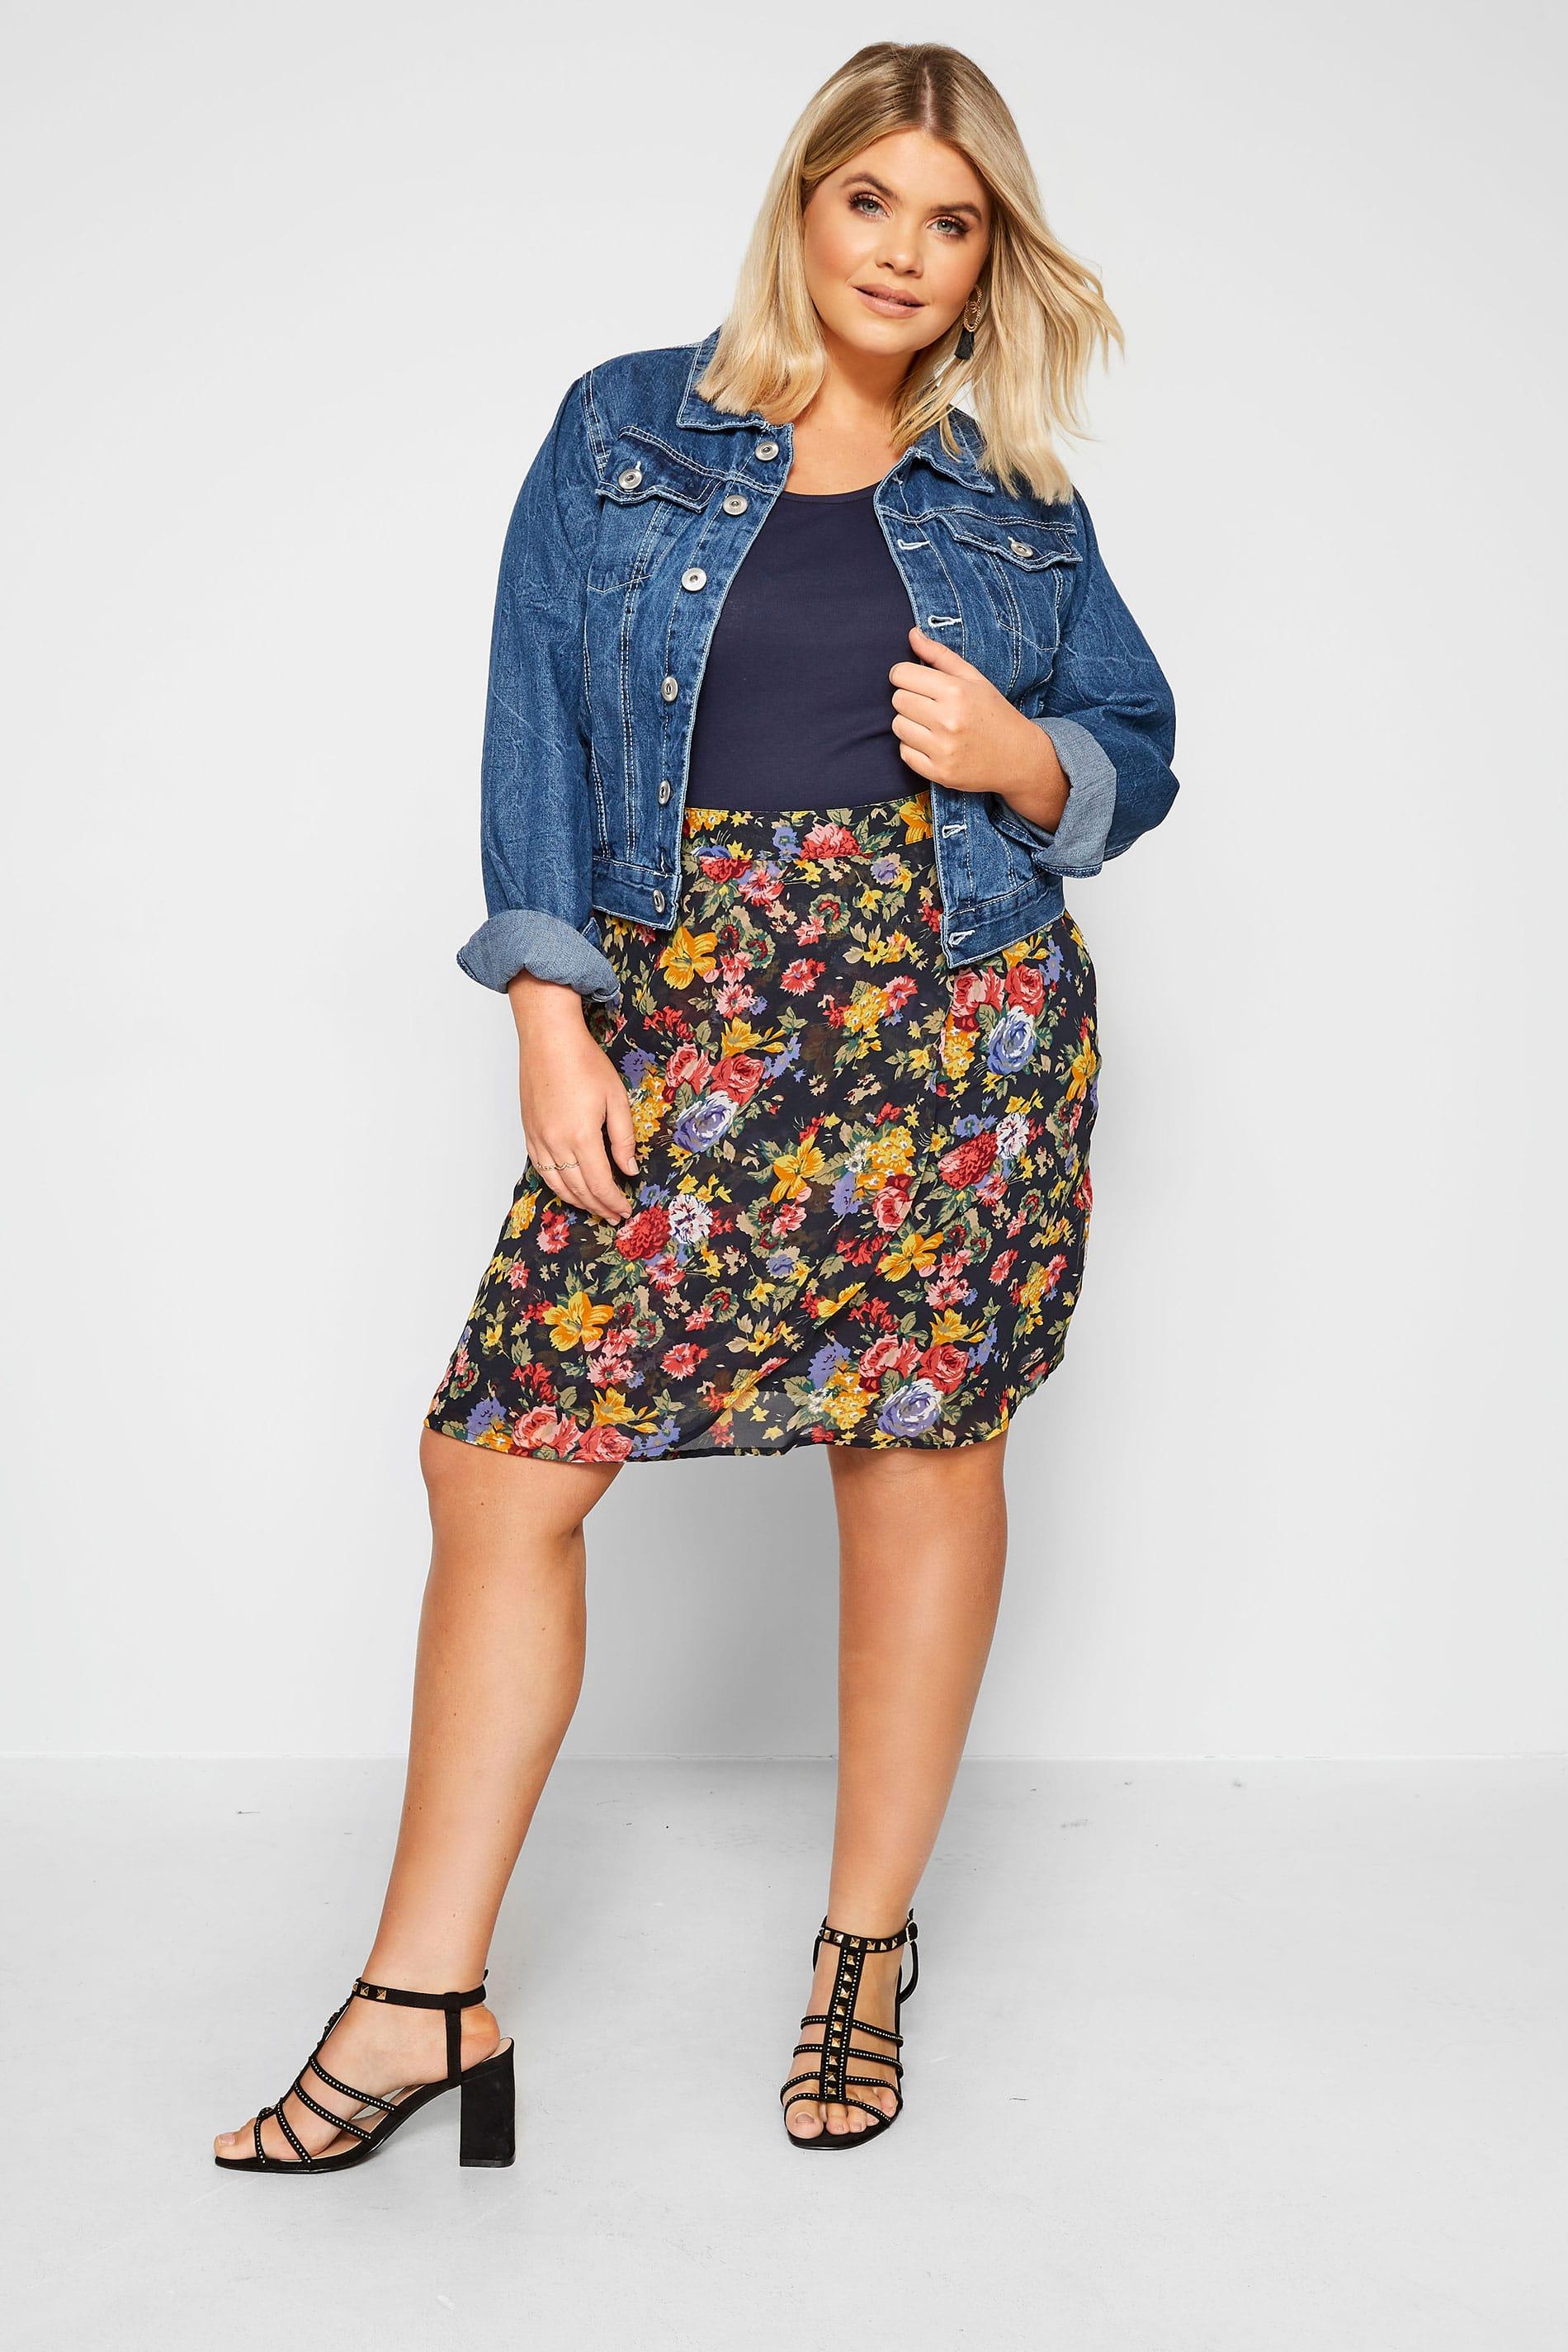 WEDNESDAY'S GIRL Black Floral Mini Skirt